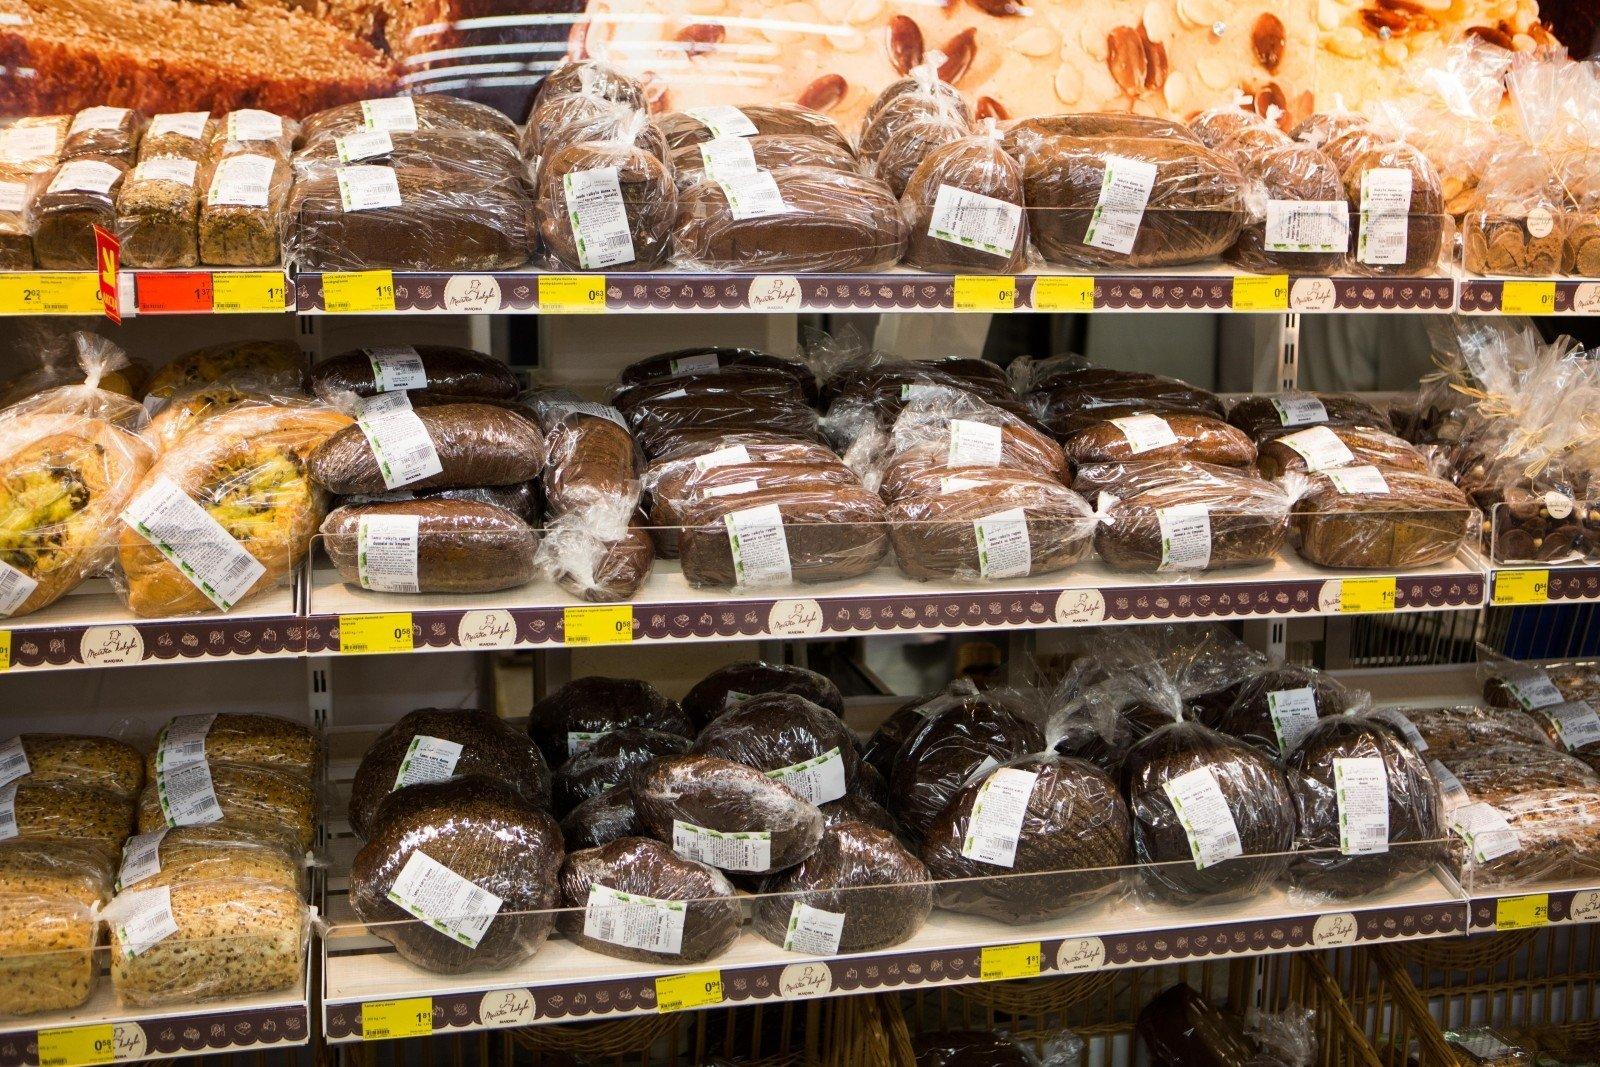 Anykšta - Tarybinės parduotuvės asortimentas: duona, silkė